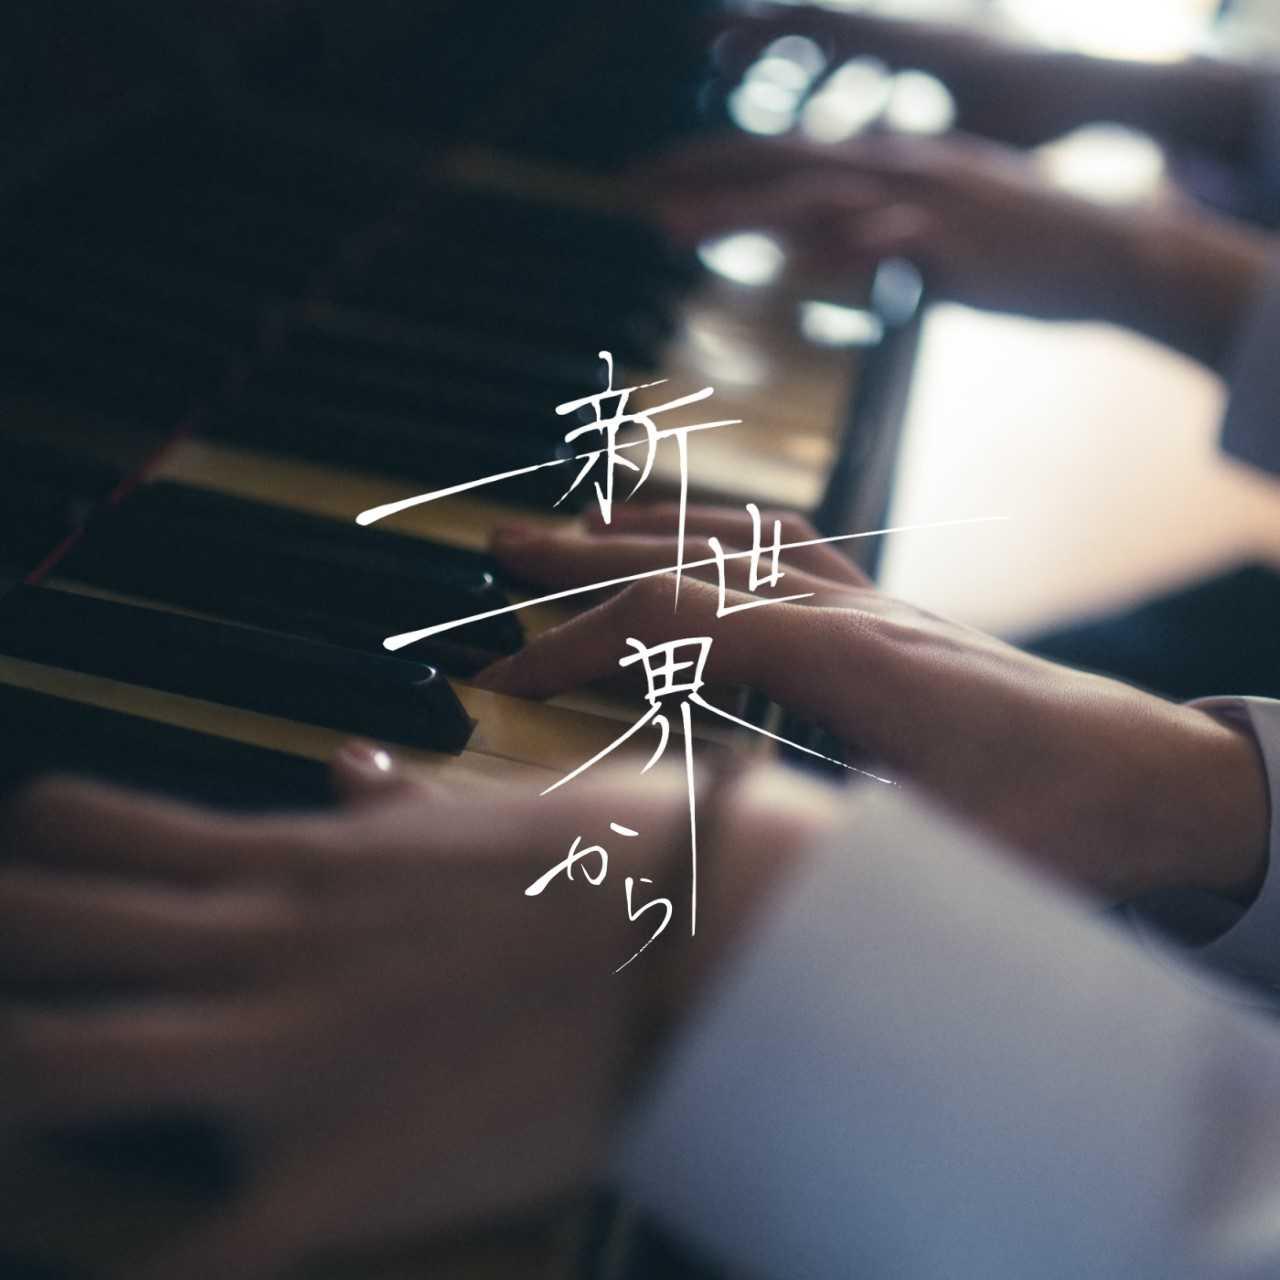 配信楽曲「新世界から」